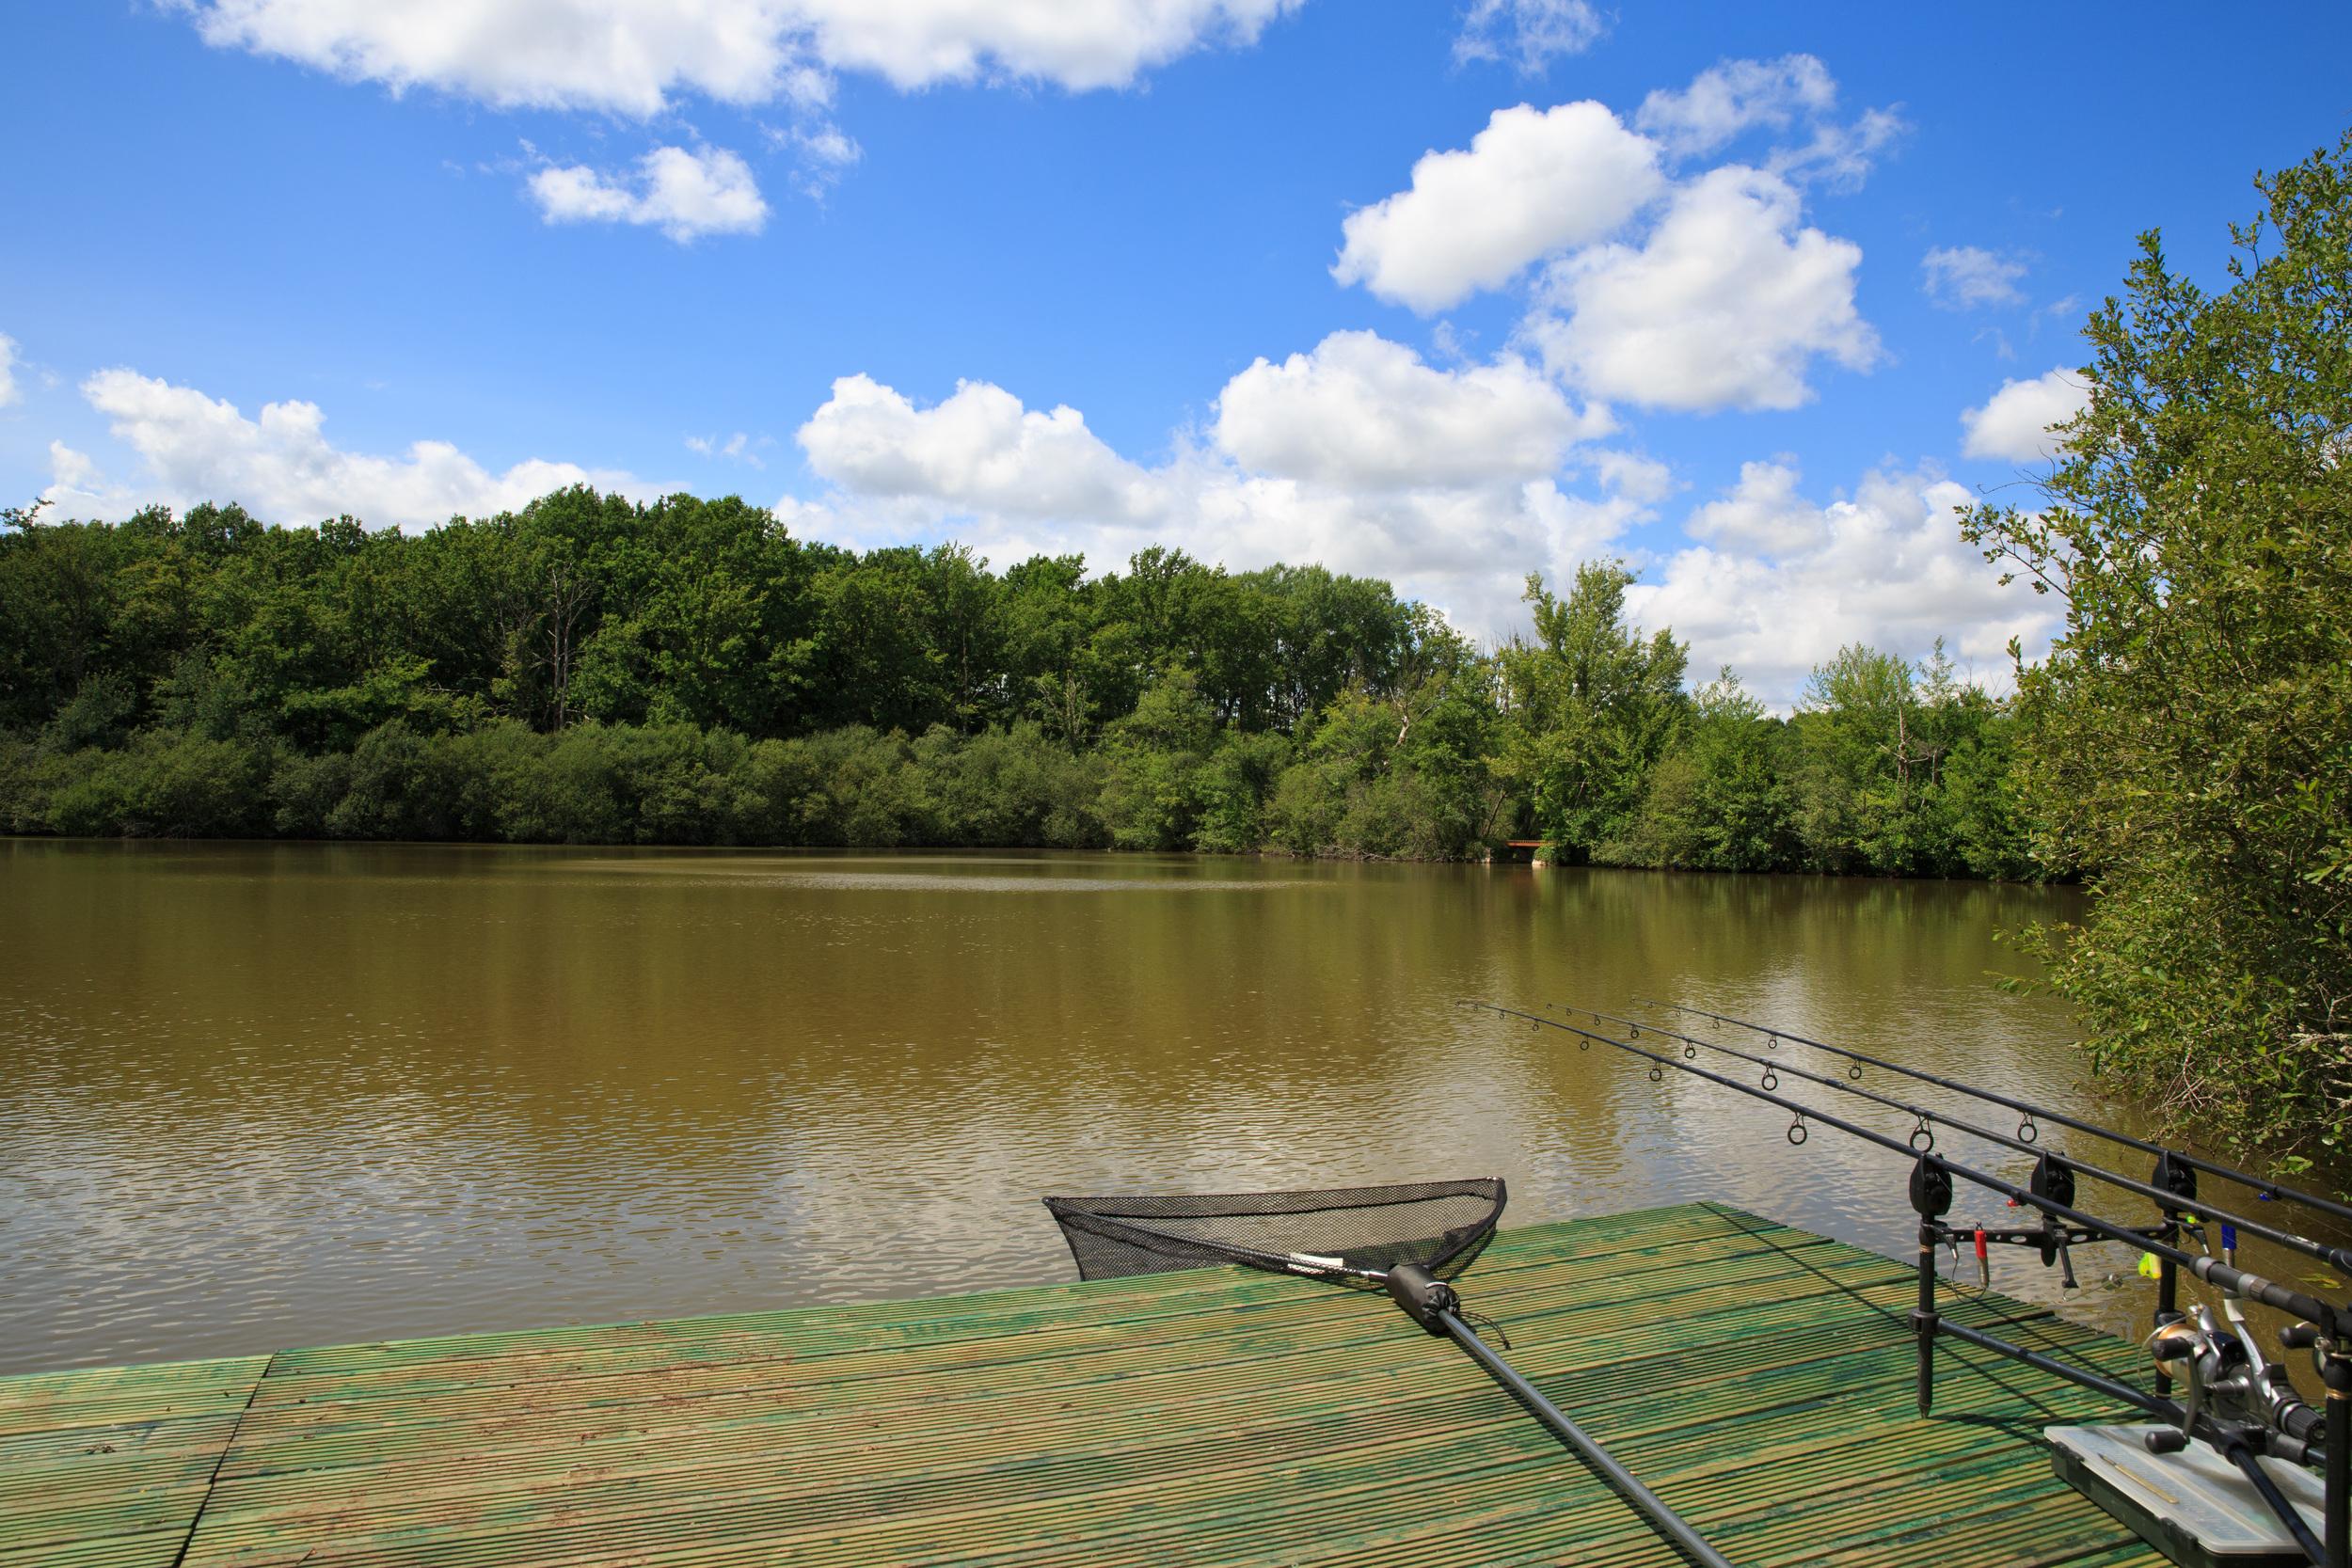 Lake-Meillant-2013_47.jpg